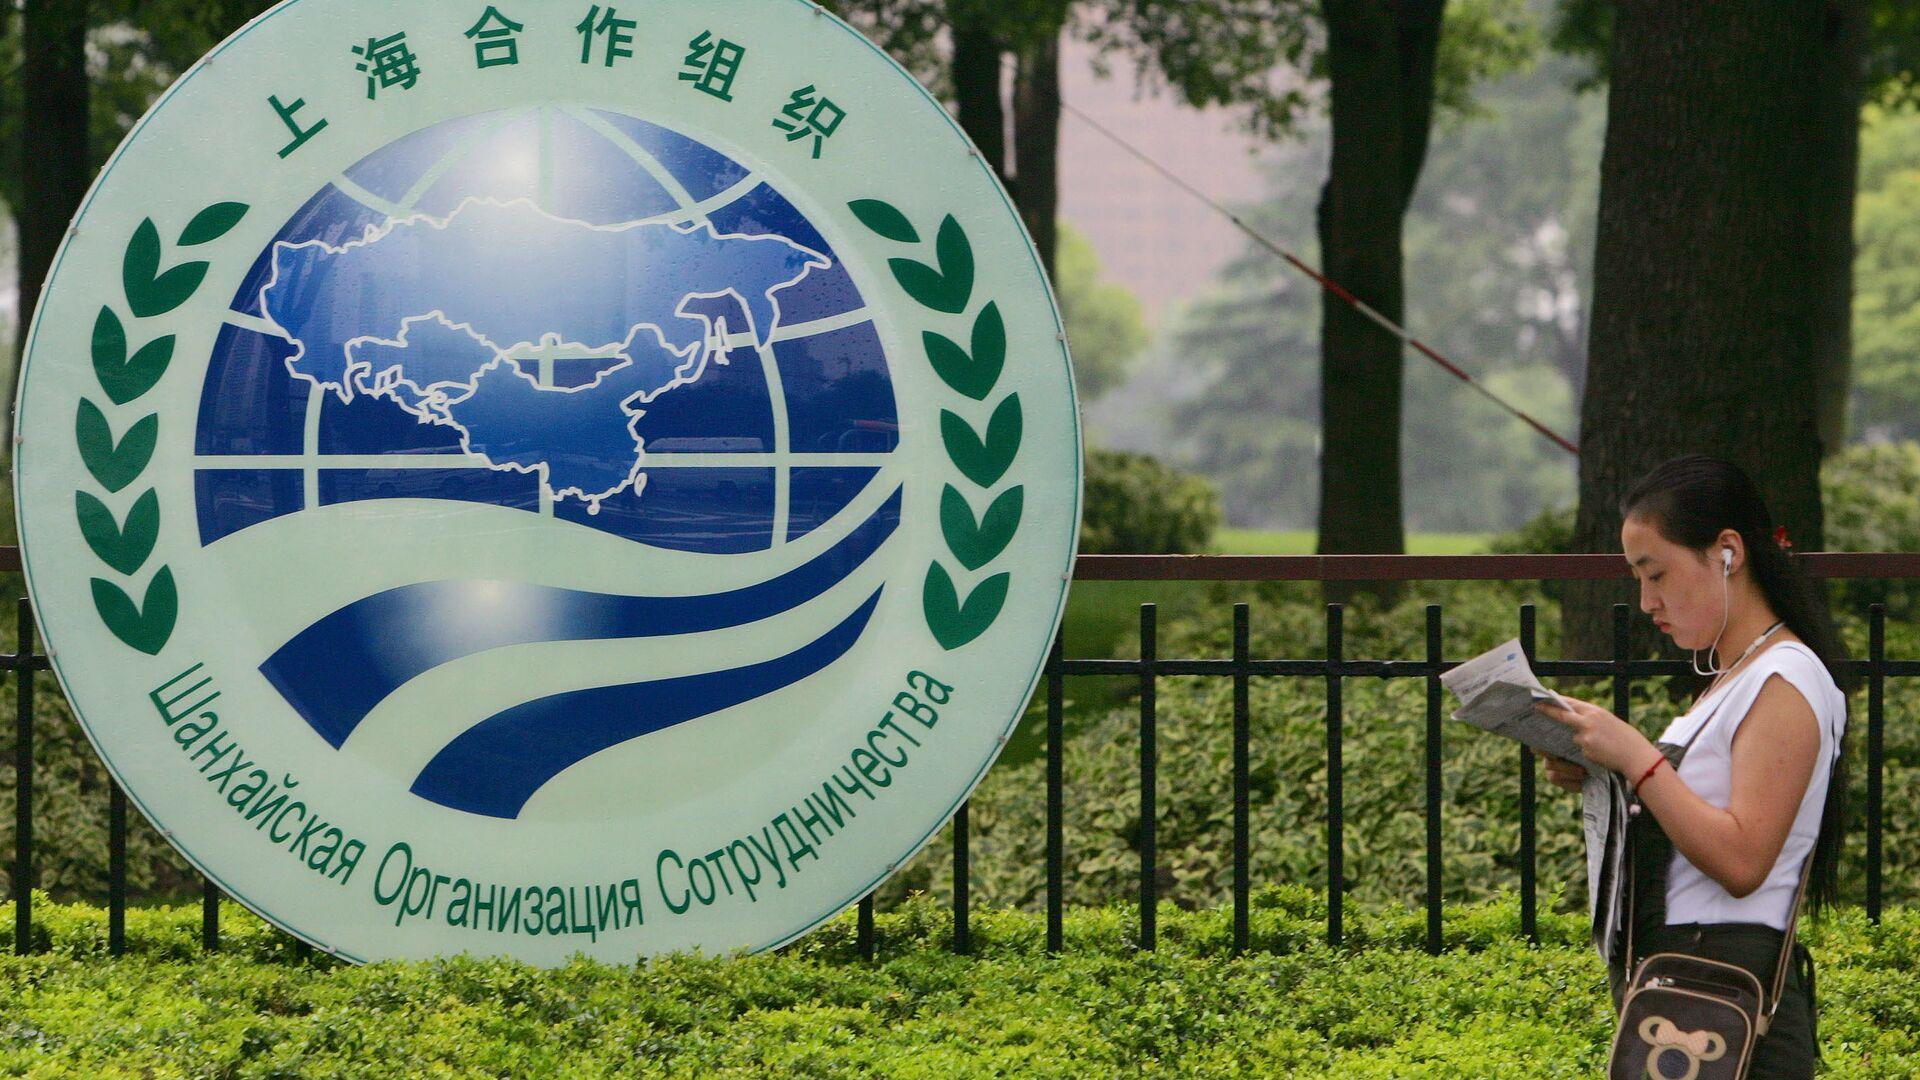 El logo de la Organización de Cooperación de Shanghái (OCS) - Sputnik Mundo, 1920, 14.07.2021